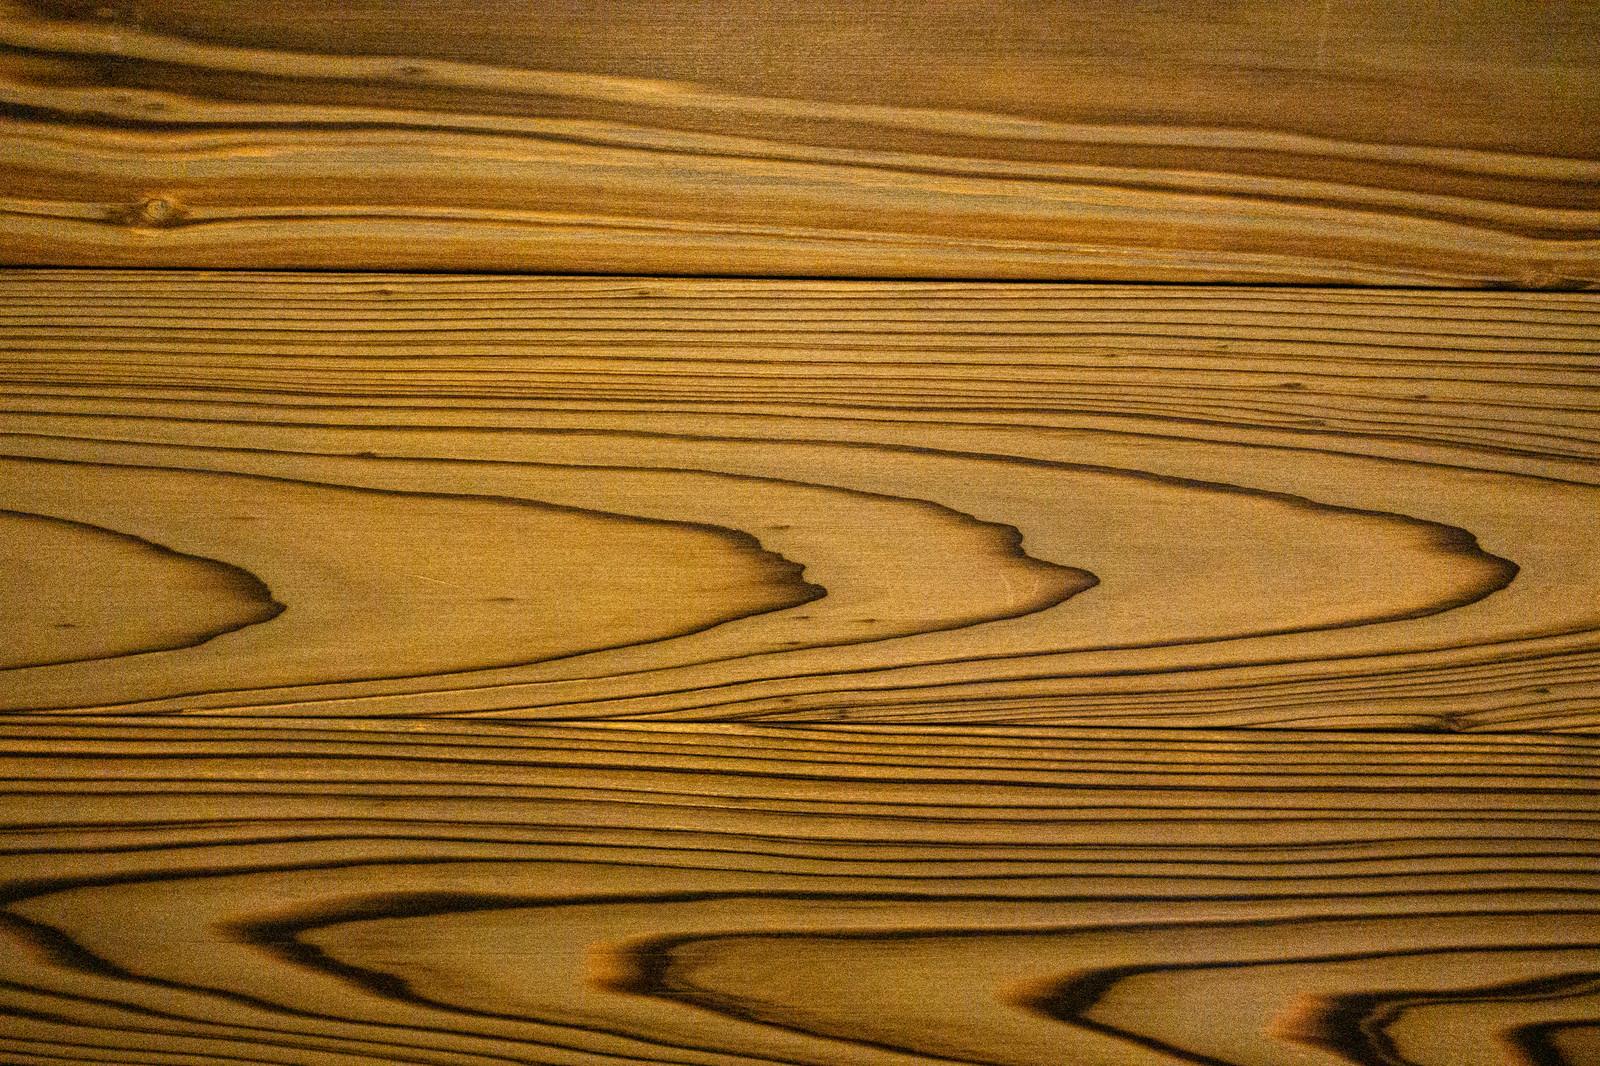 「木目の板(テクスチャ)」の写真